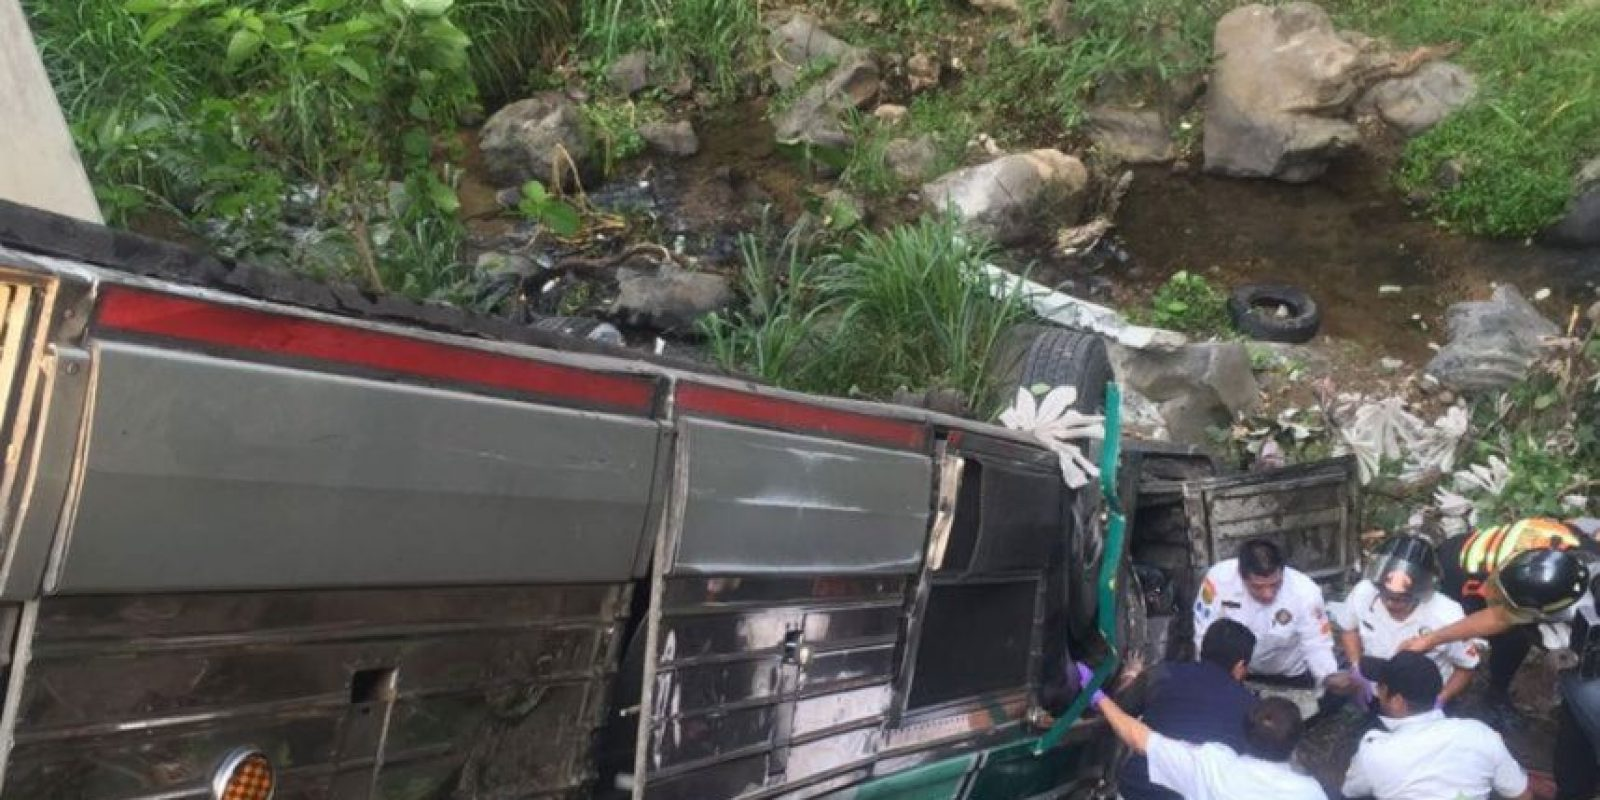 Zermeño tuvo tiempo de agradecer a los bomberos el trabajo que hacían para rescatarlo tras quedar prensado entre la puerta y el timón del autobús. Foto:Grupo Emisoras Unidas